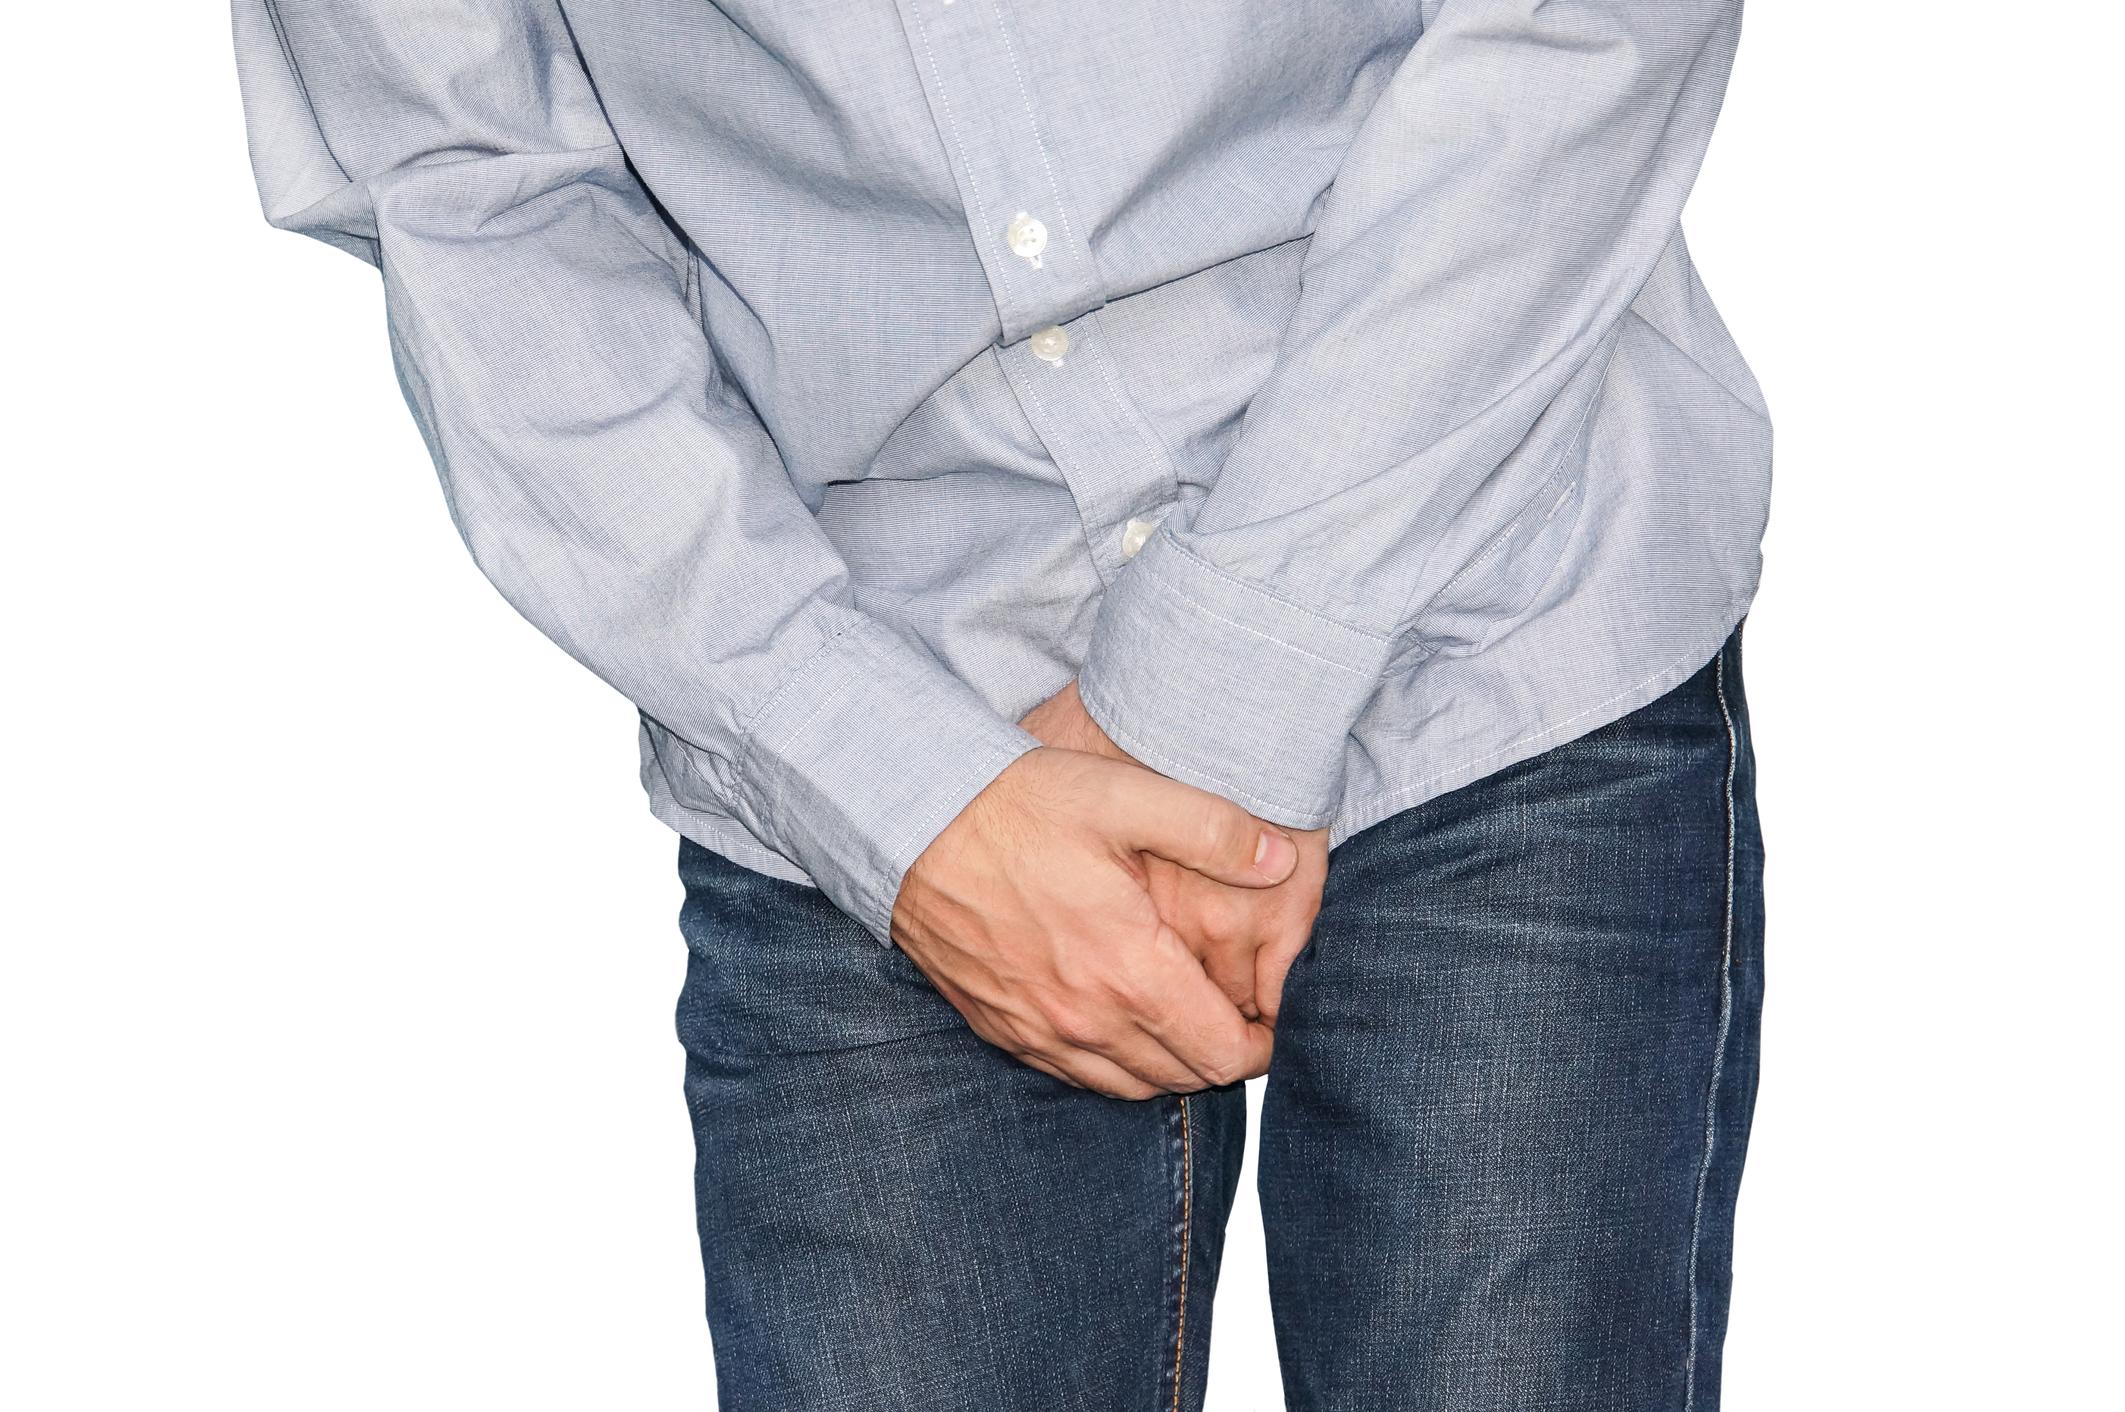 hogyan növekszik a férfiak pénisze